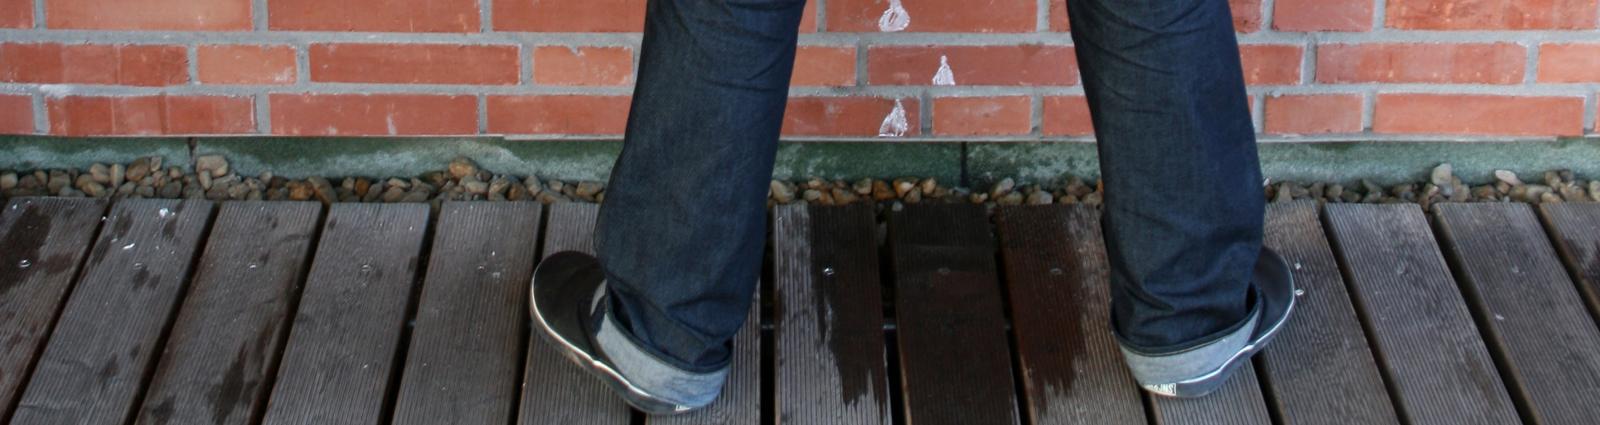 Mann uriniert an eine Mauer